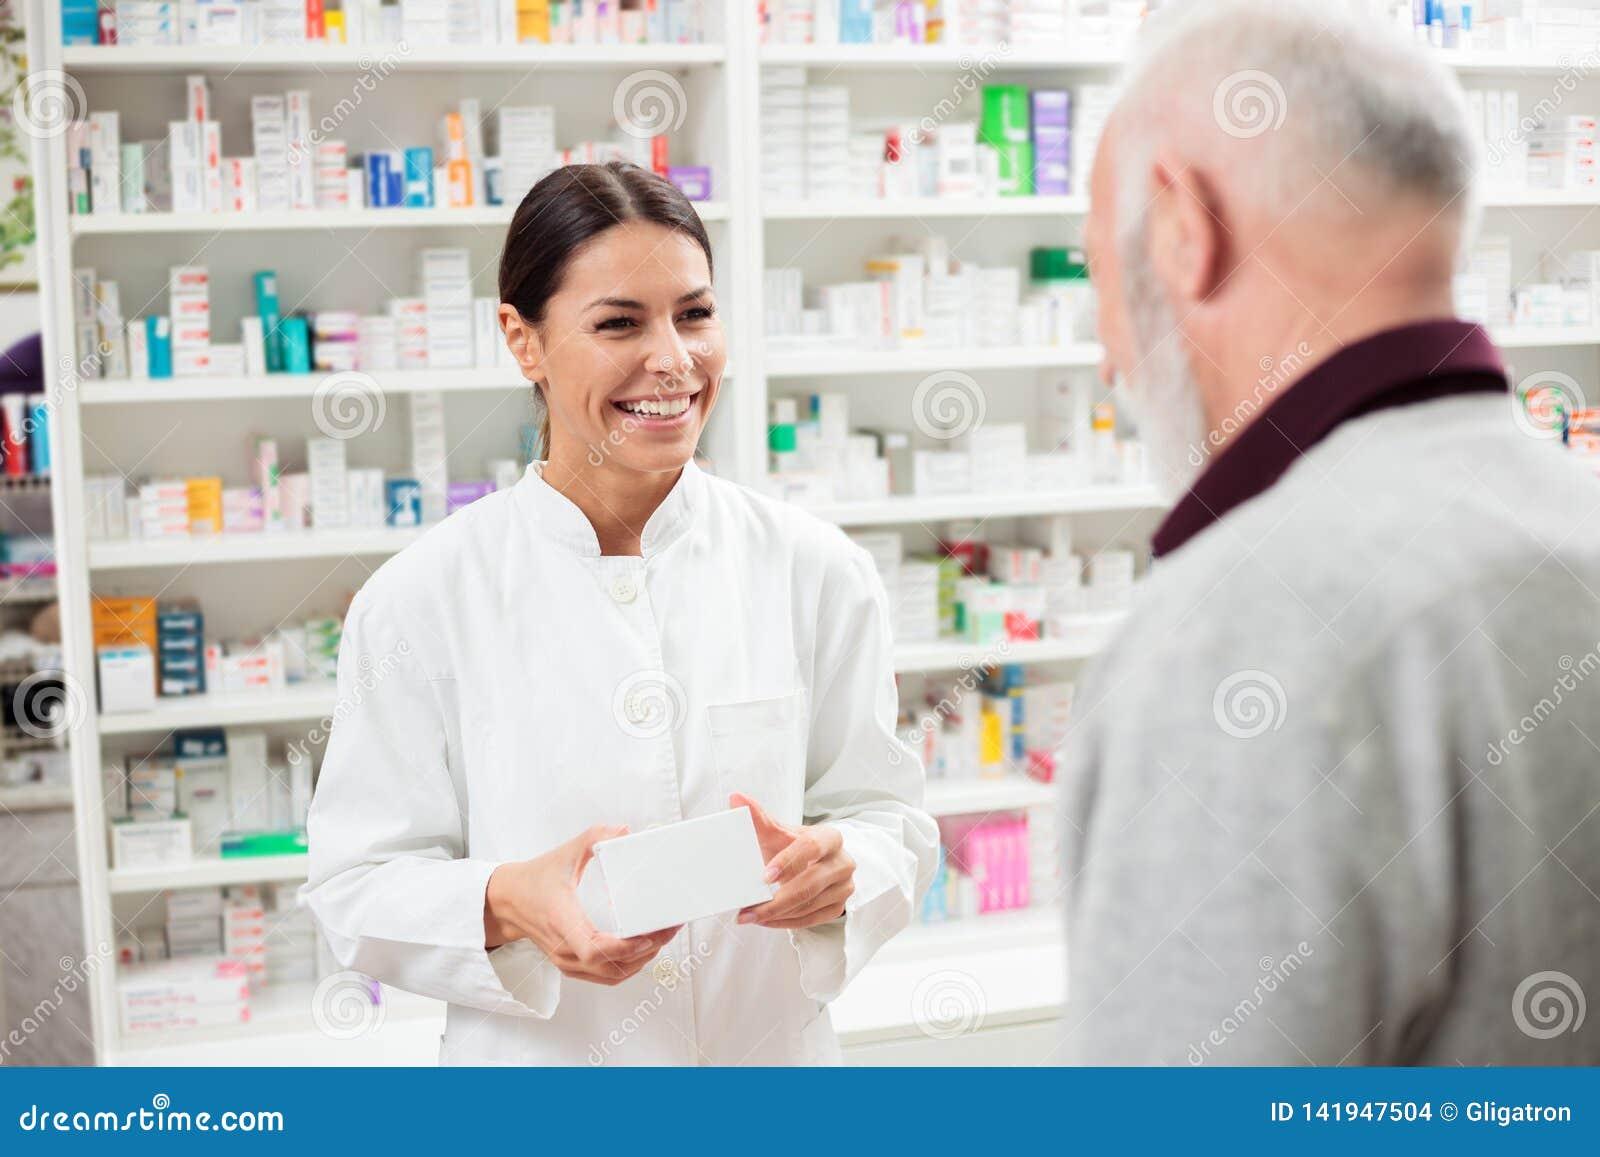 Ευτυχής θηλυκός φαρμακοποιός που δίνει τα φάρμακα στον ανώτερο αρσενικό πελάτη